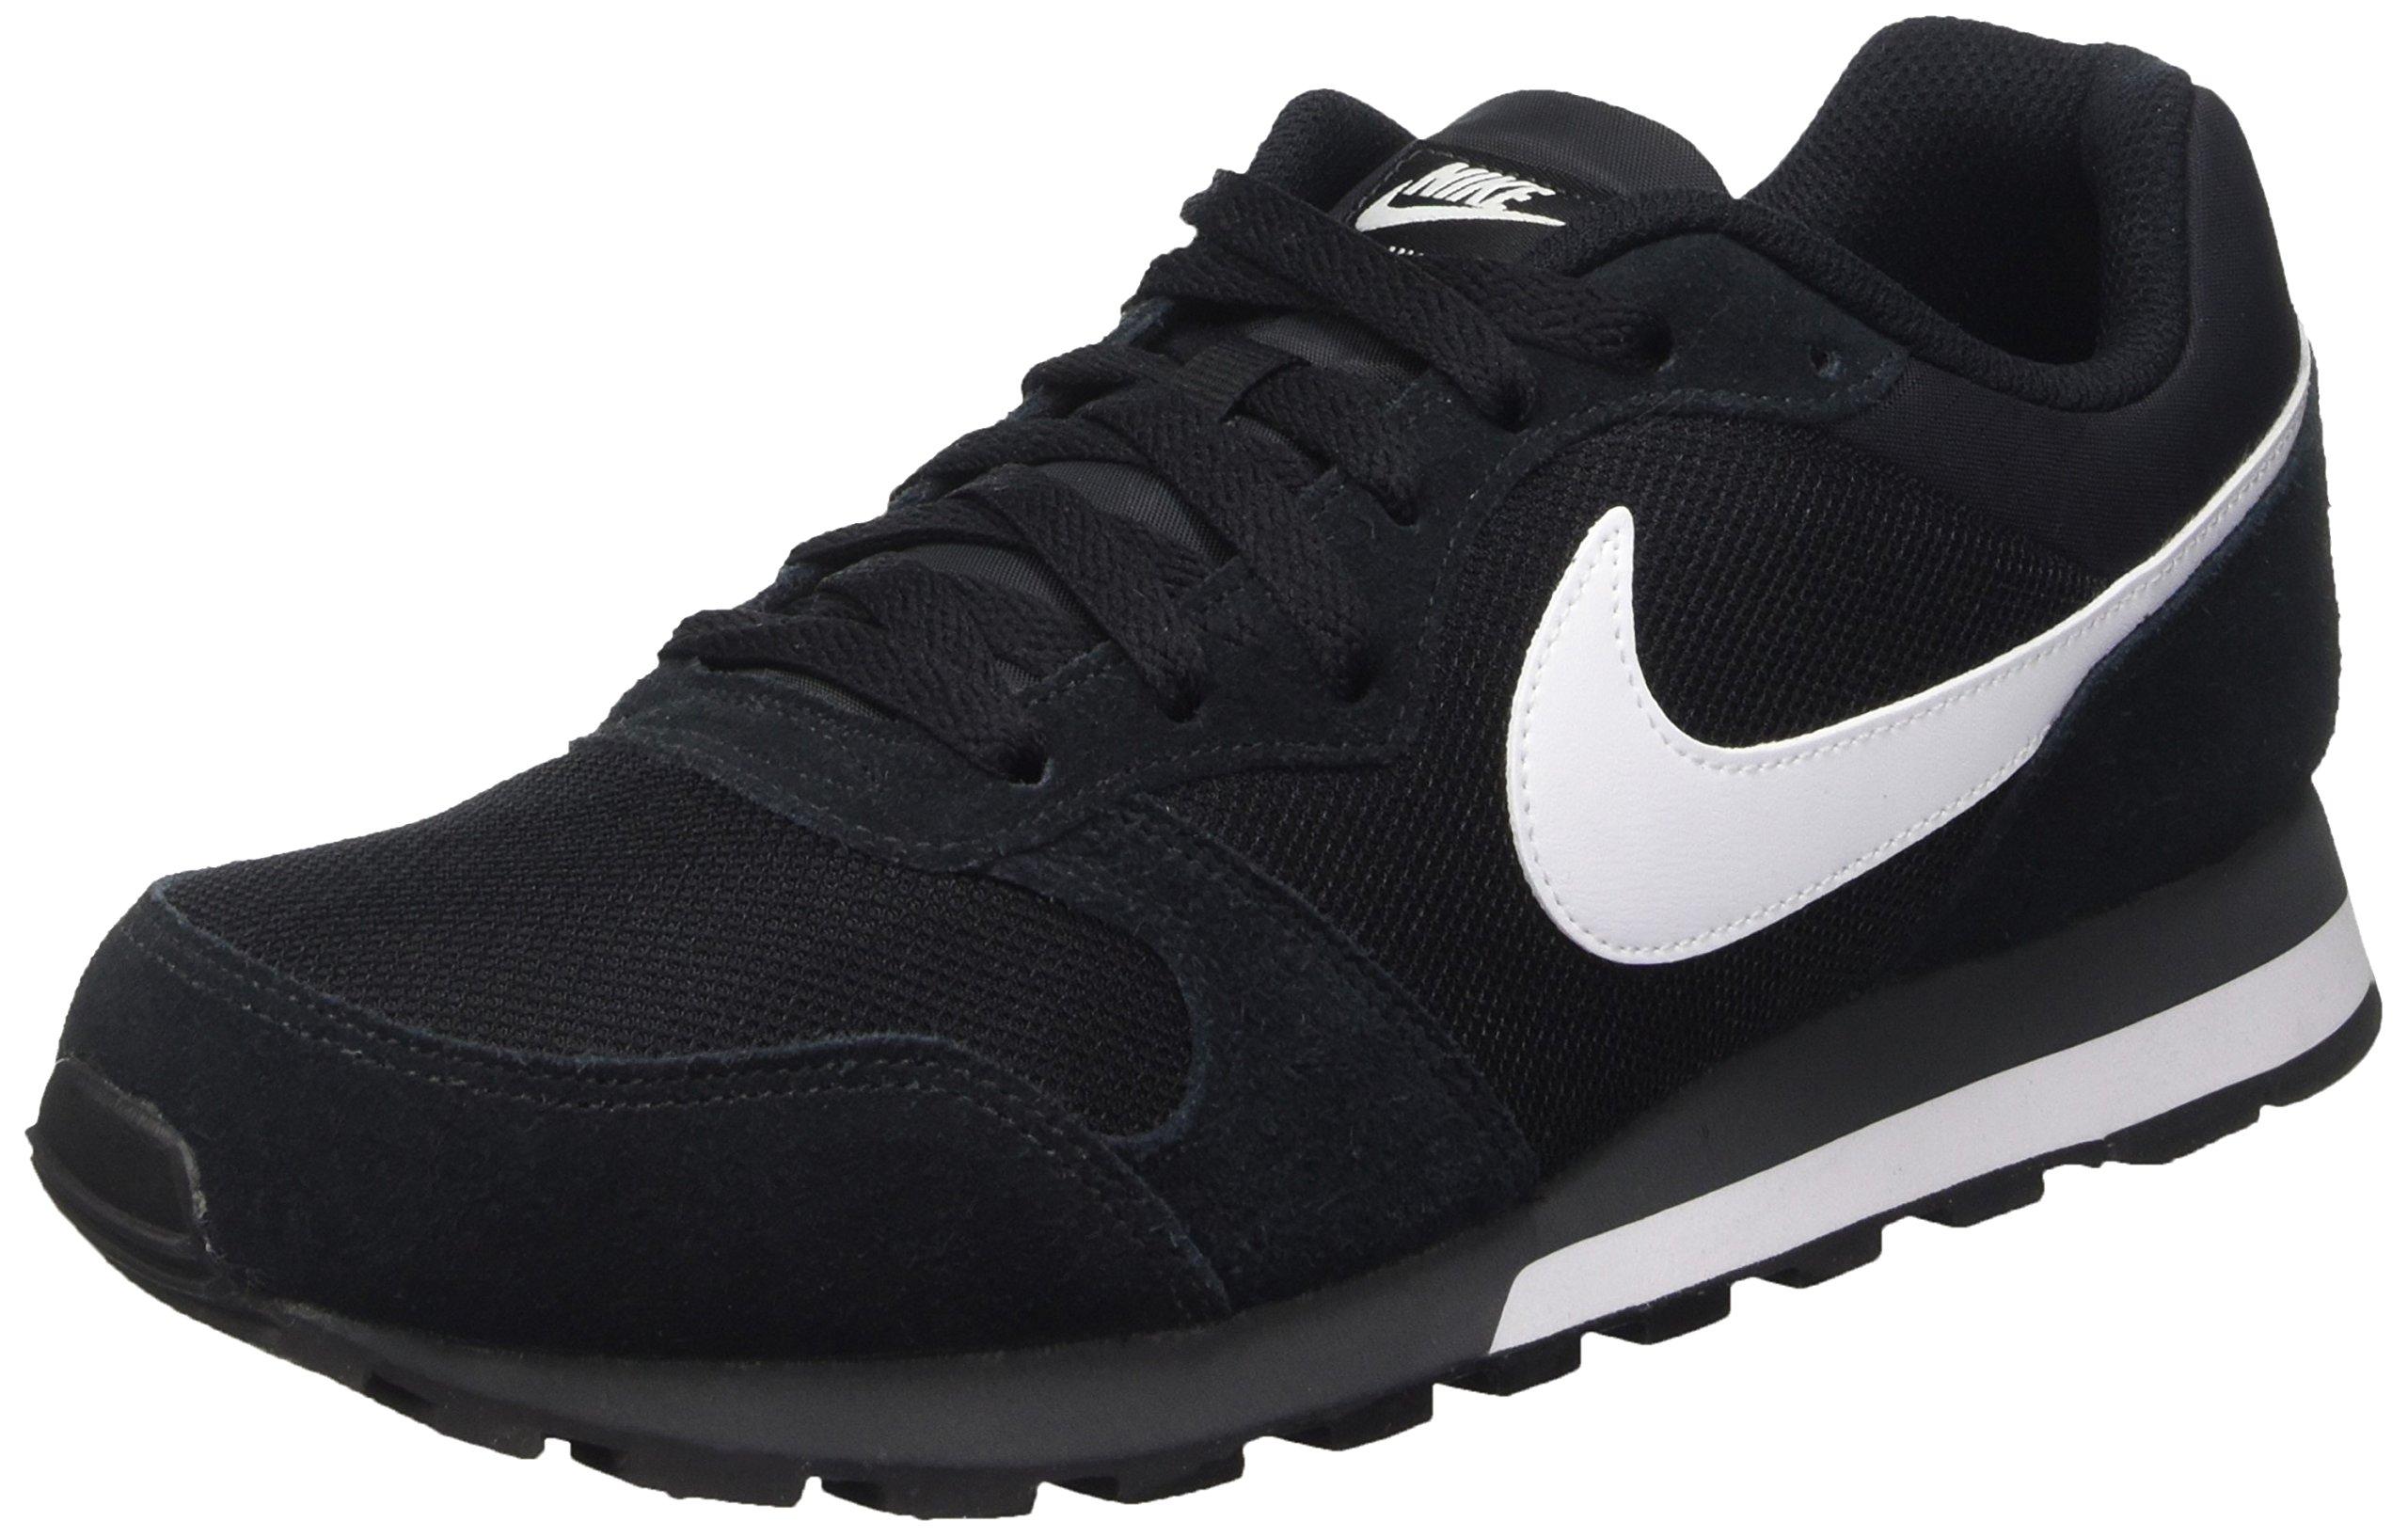 Nike 耐克 运动生活系列 男 休闲跑步鞋NIKE MD RUNNER 2  749794